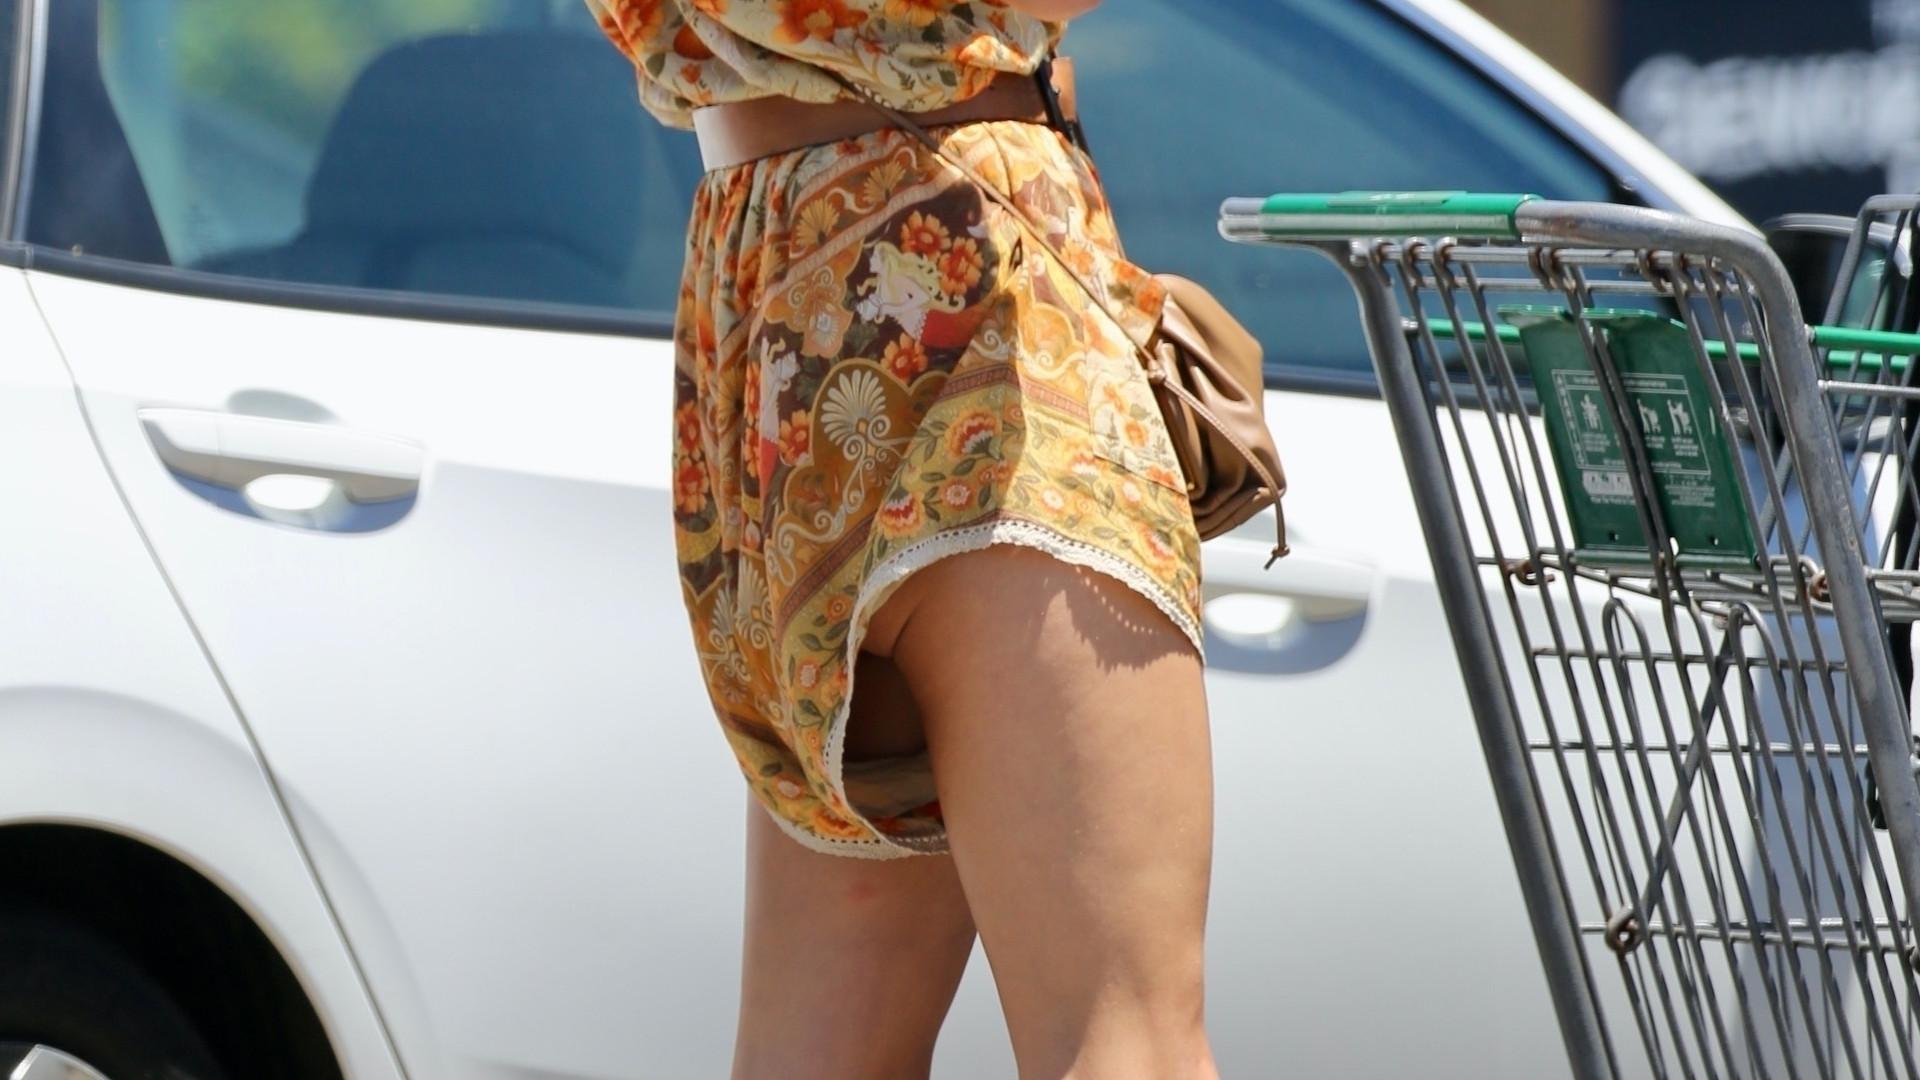 W tym kombinezonie wygląda, jakby nosiła za dużą pieluchę… (ZDJĘCIA)